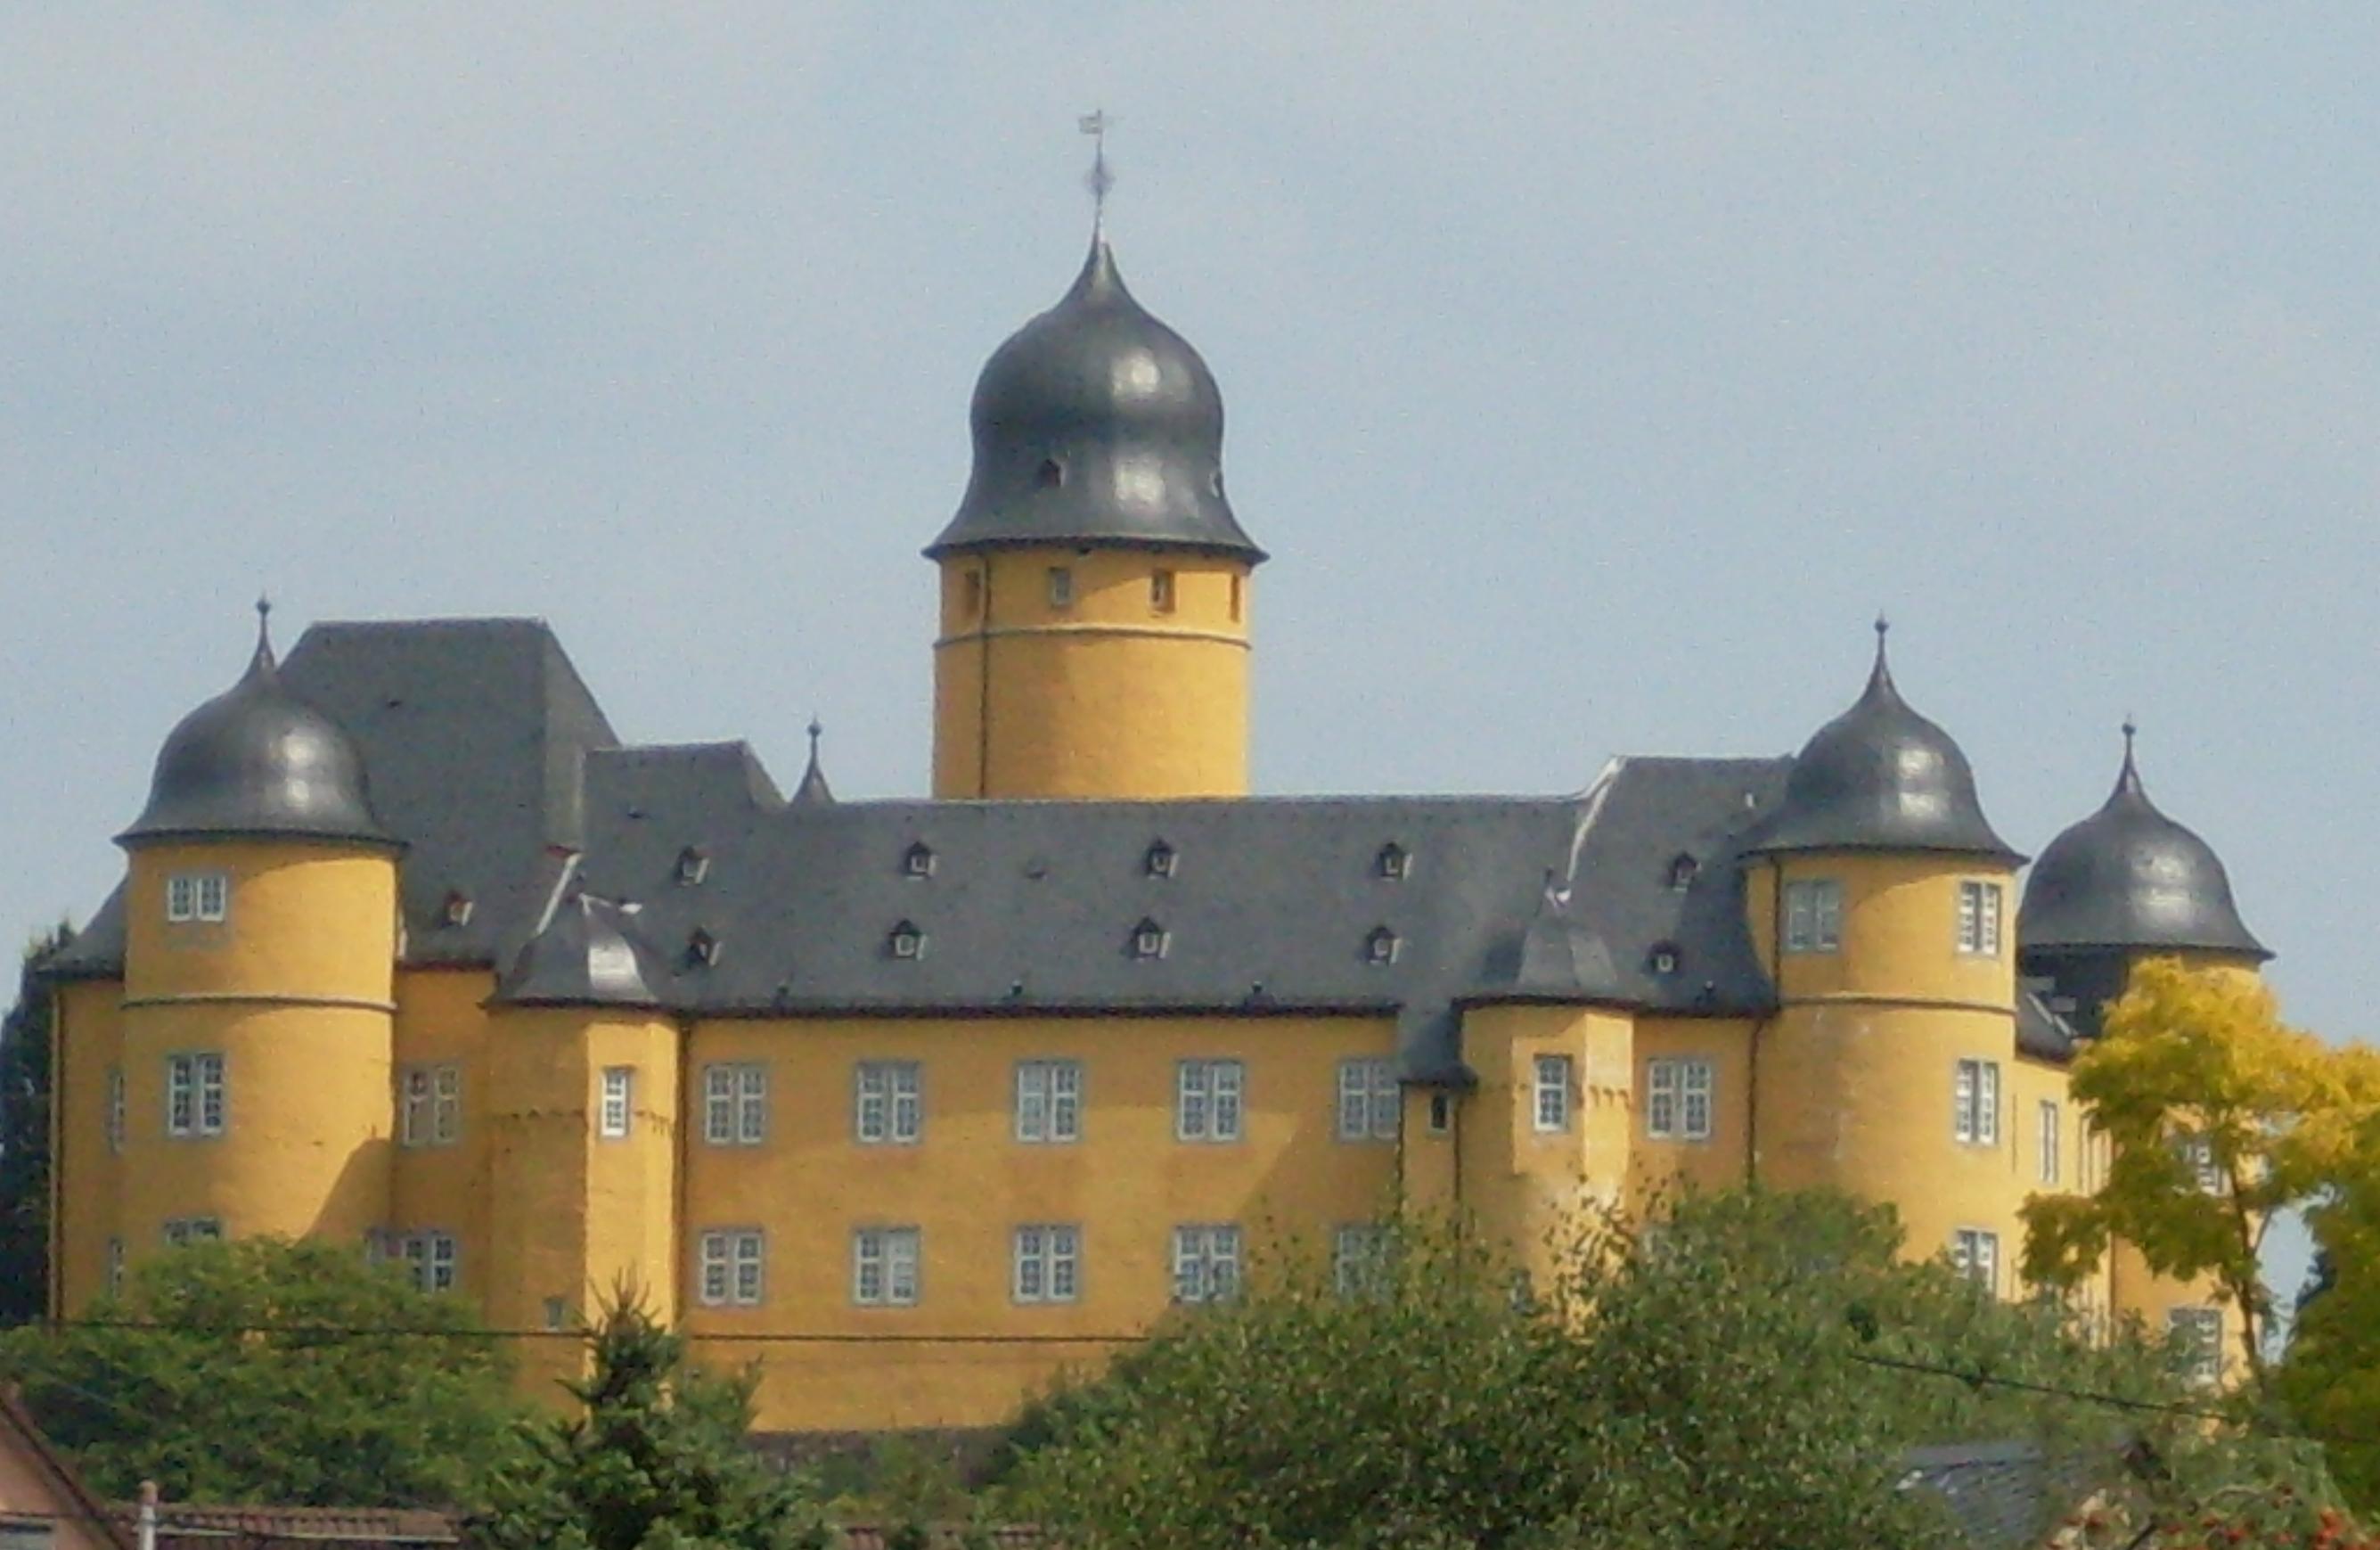 gesehen porno Montabaur(Rhineland-Palatinate)